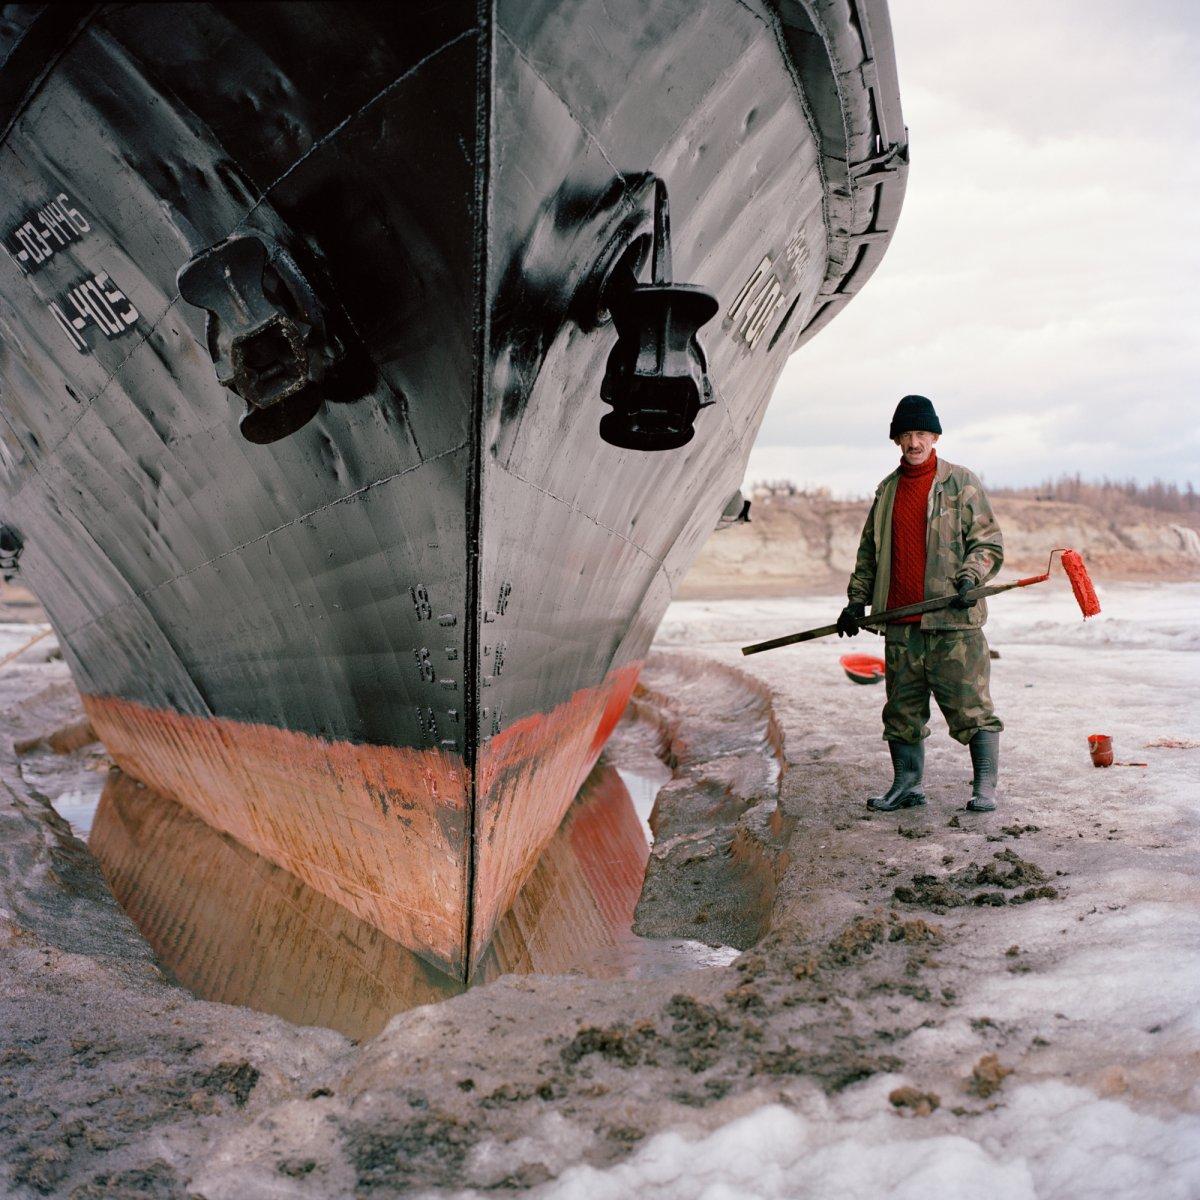 Conheça 15 pessoas que desafiam temperaturas extremas para viver no círculo ártico 05